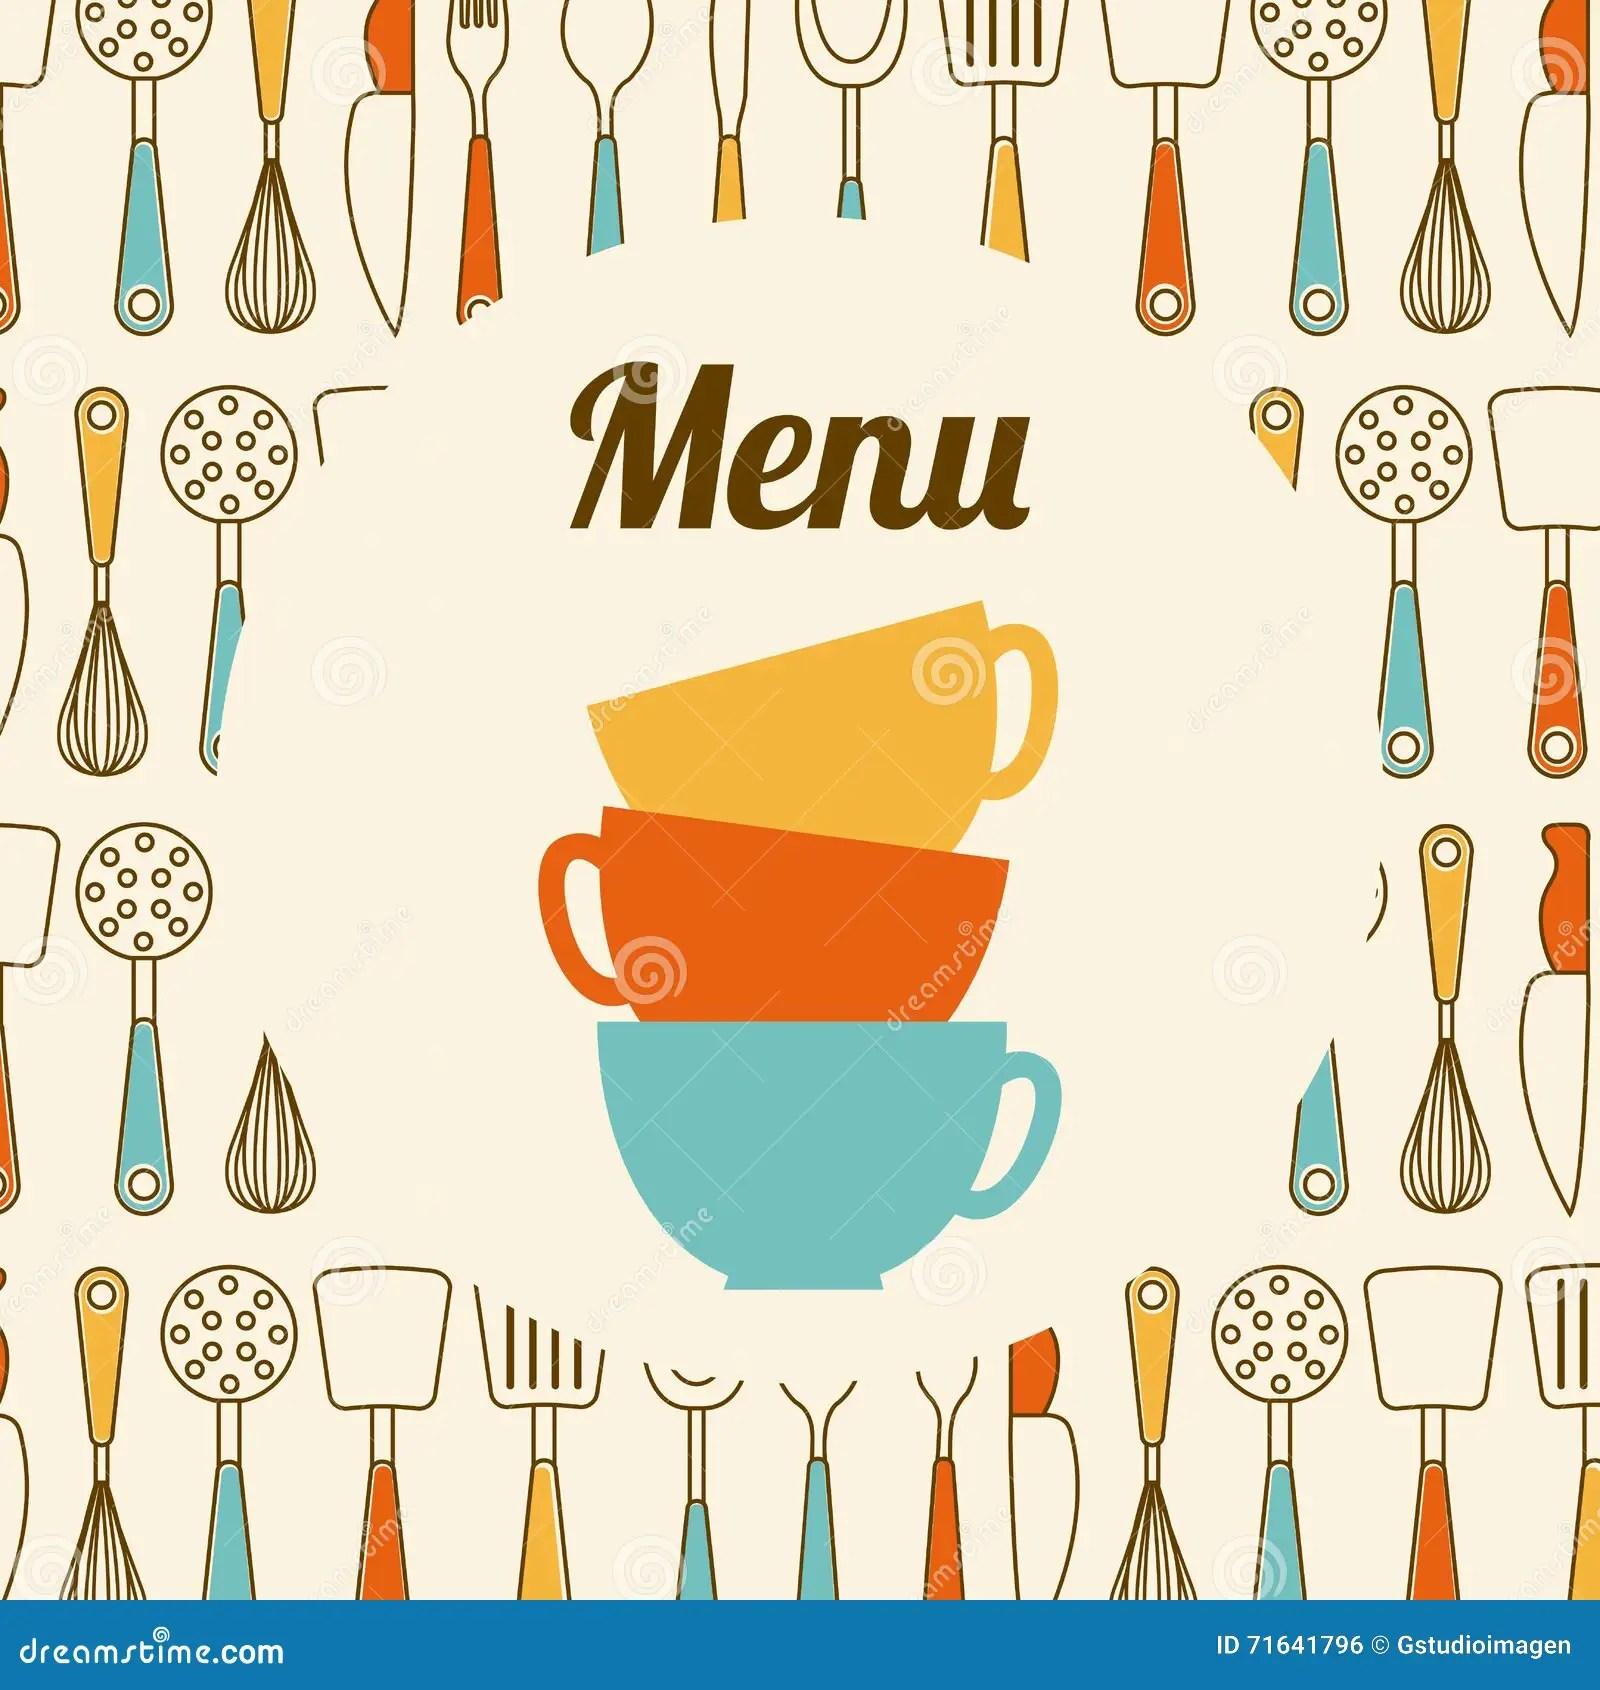 kitchen design tools overstock chairs 厨房工具设计库存照片 图片包括有餐馆 刀子 厨具 符号 框架 刀叉 厨房工具设计